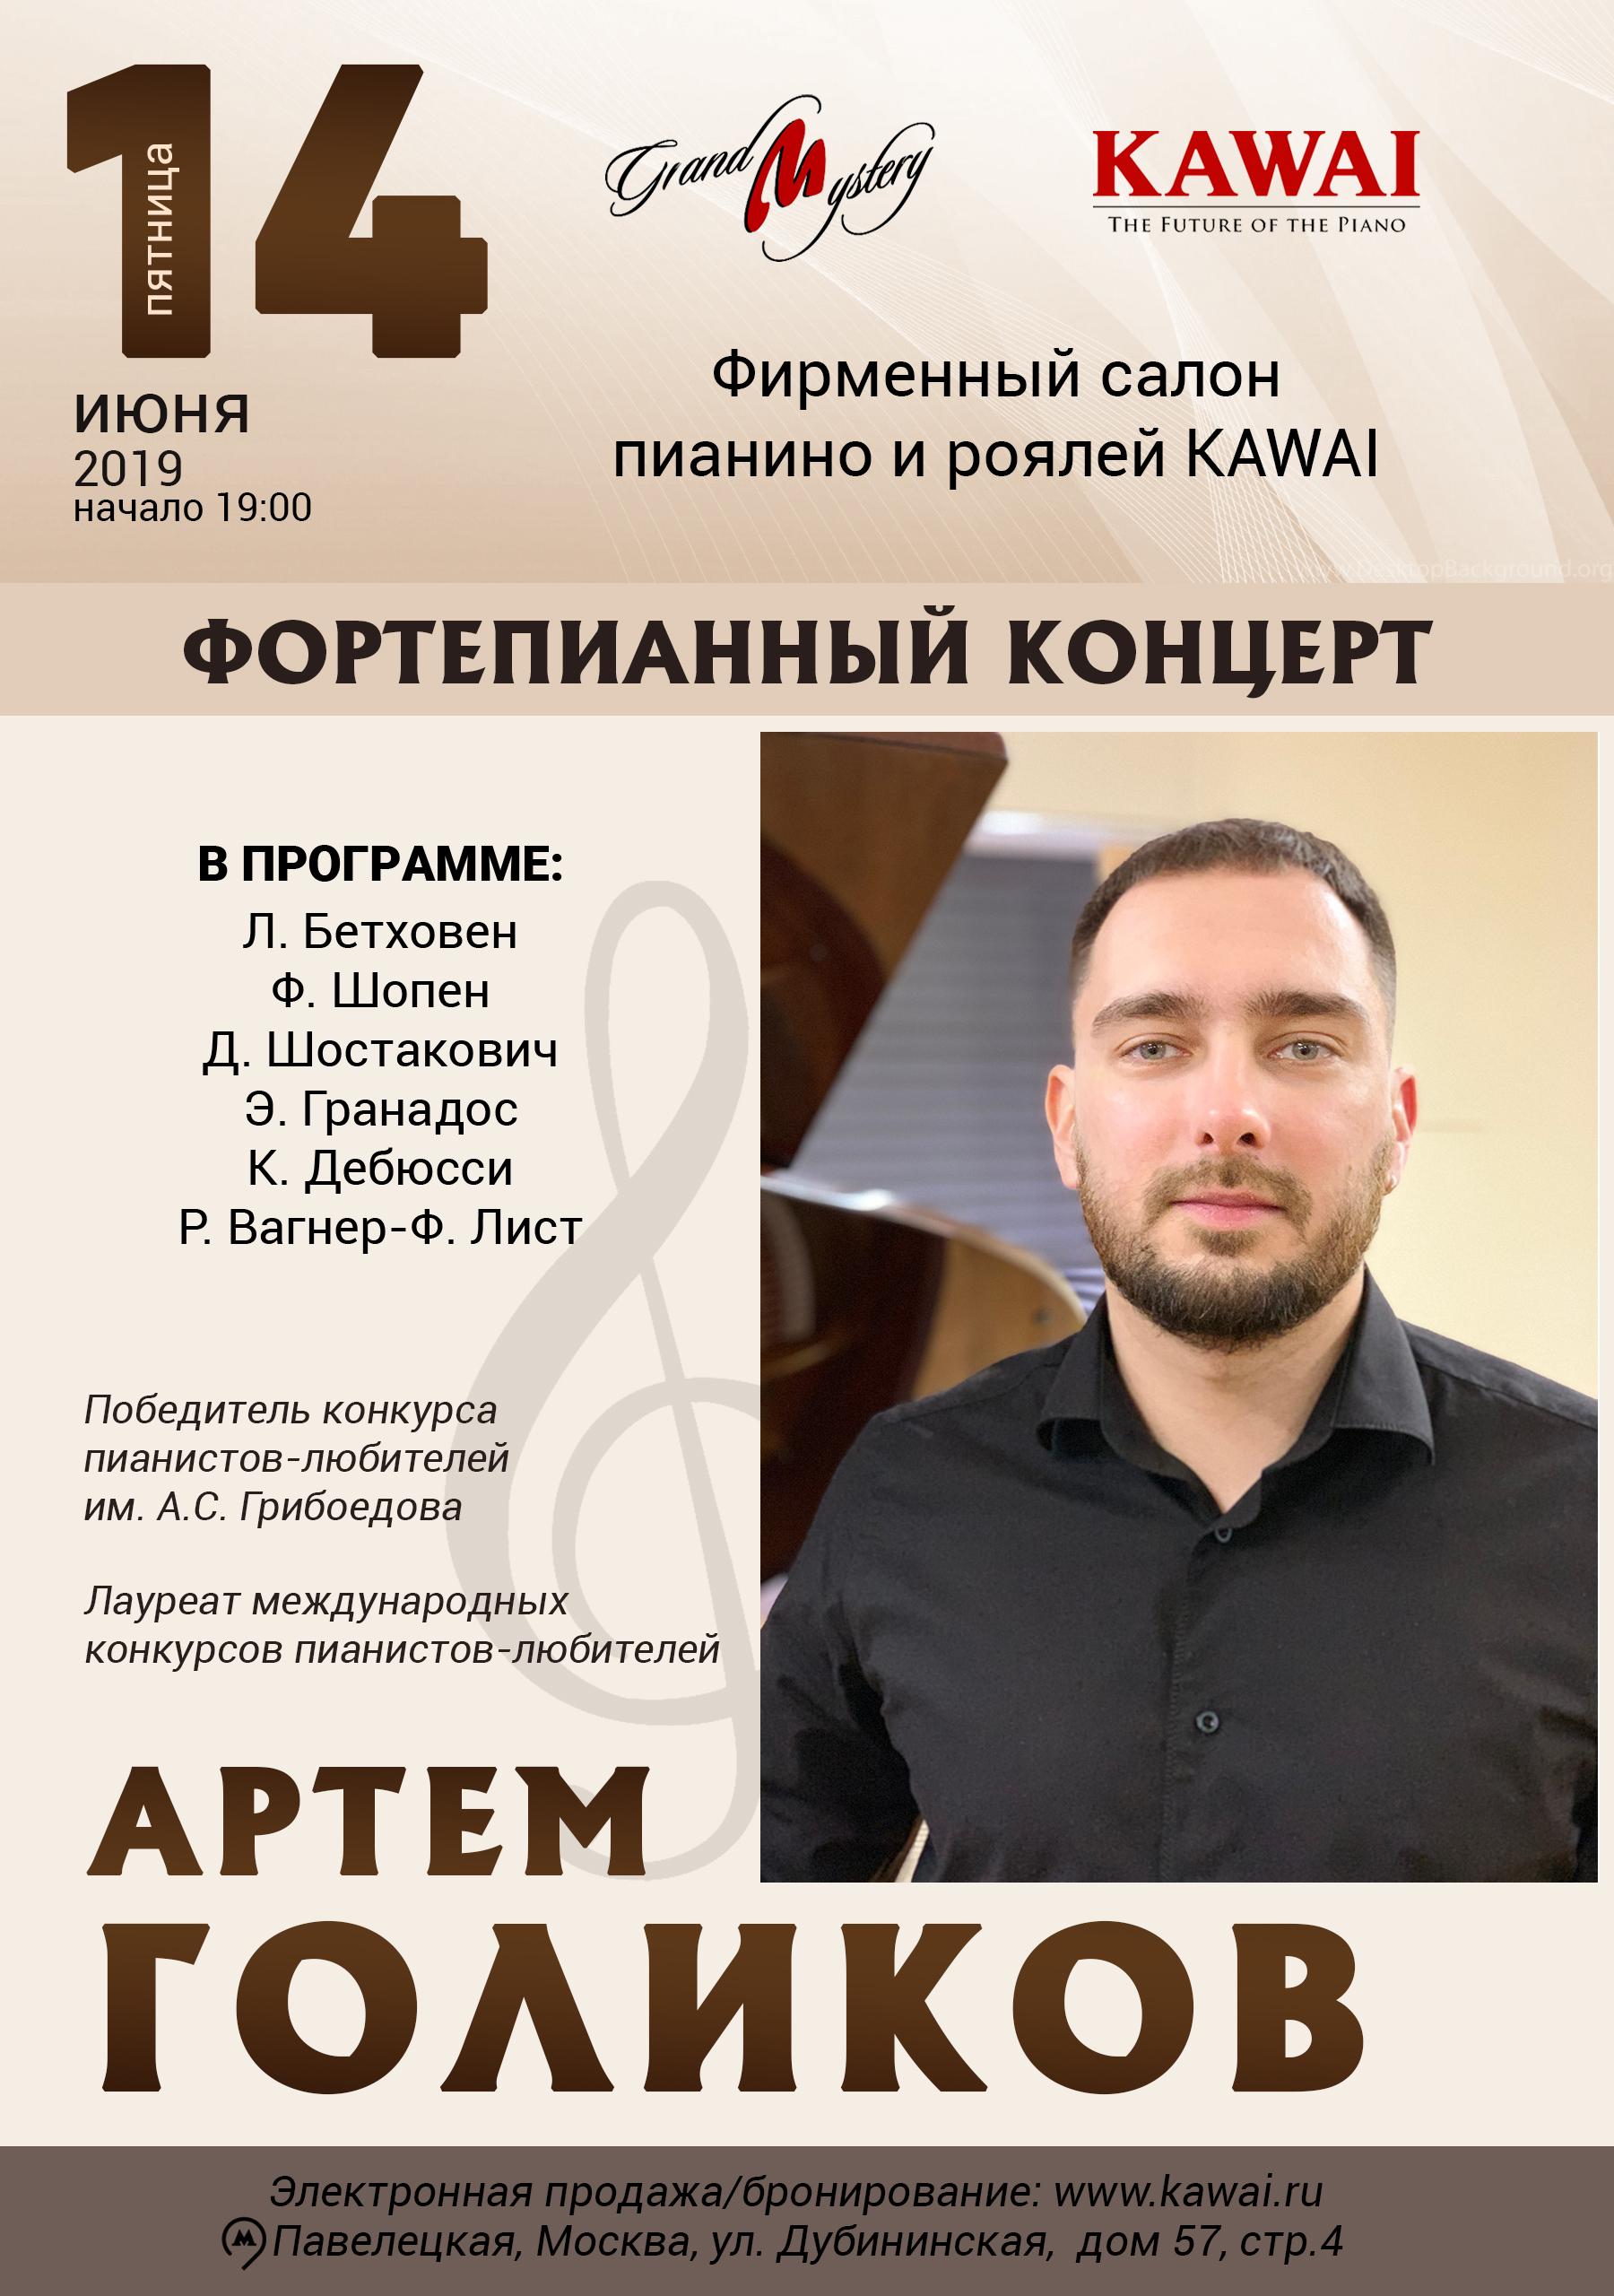 Концерт Артема Голикова